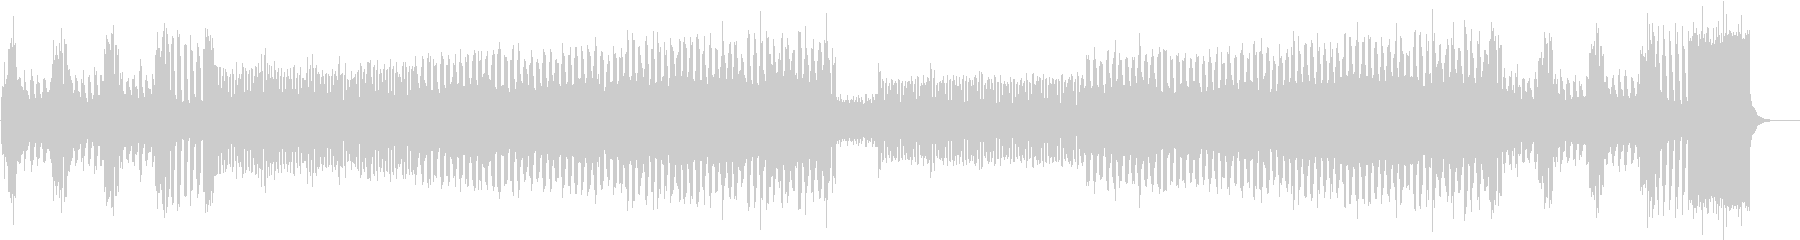 ピアノイントロ、キラキラしたJPOP風dの未再生の波形